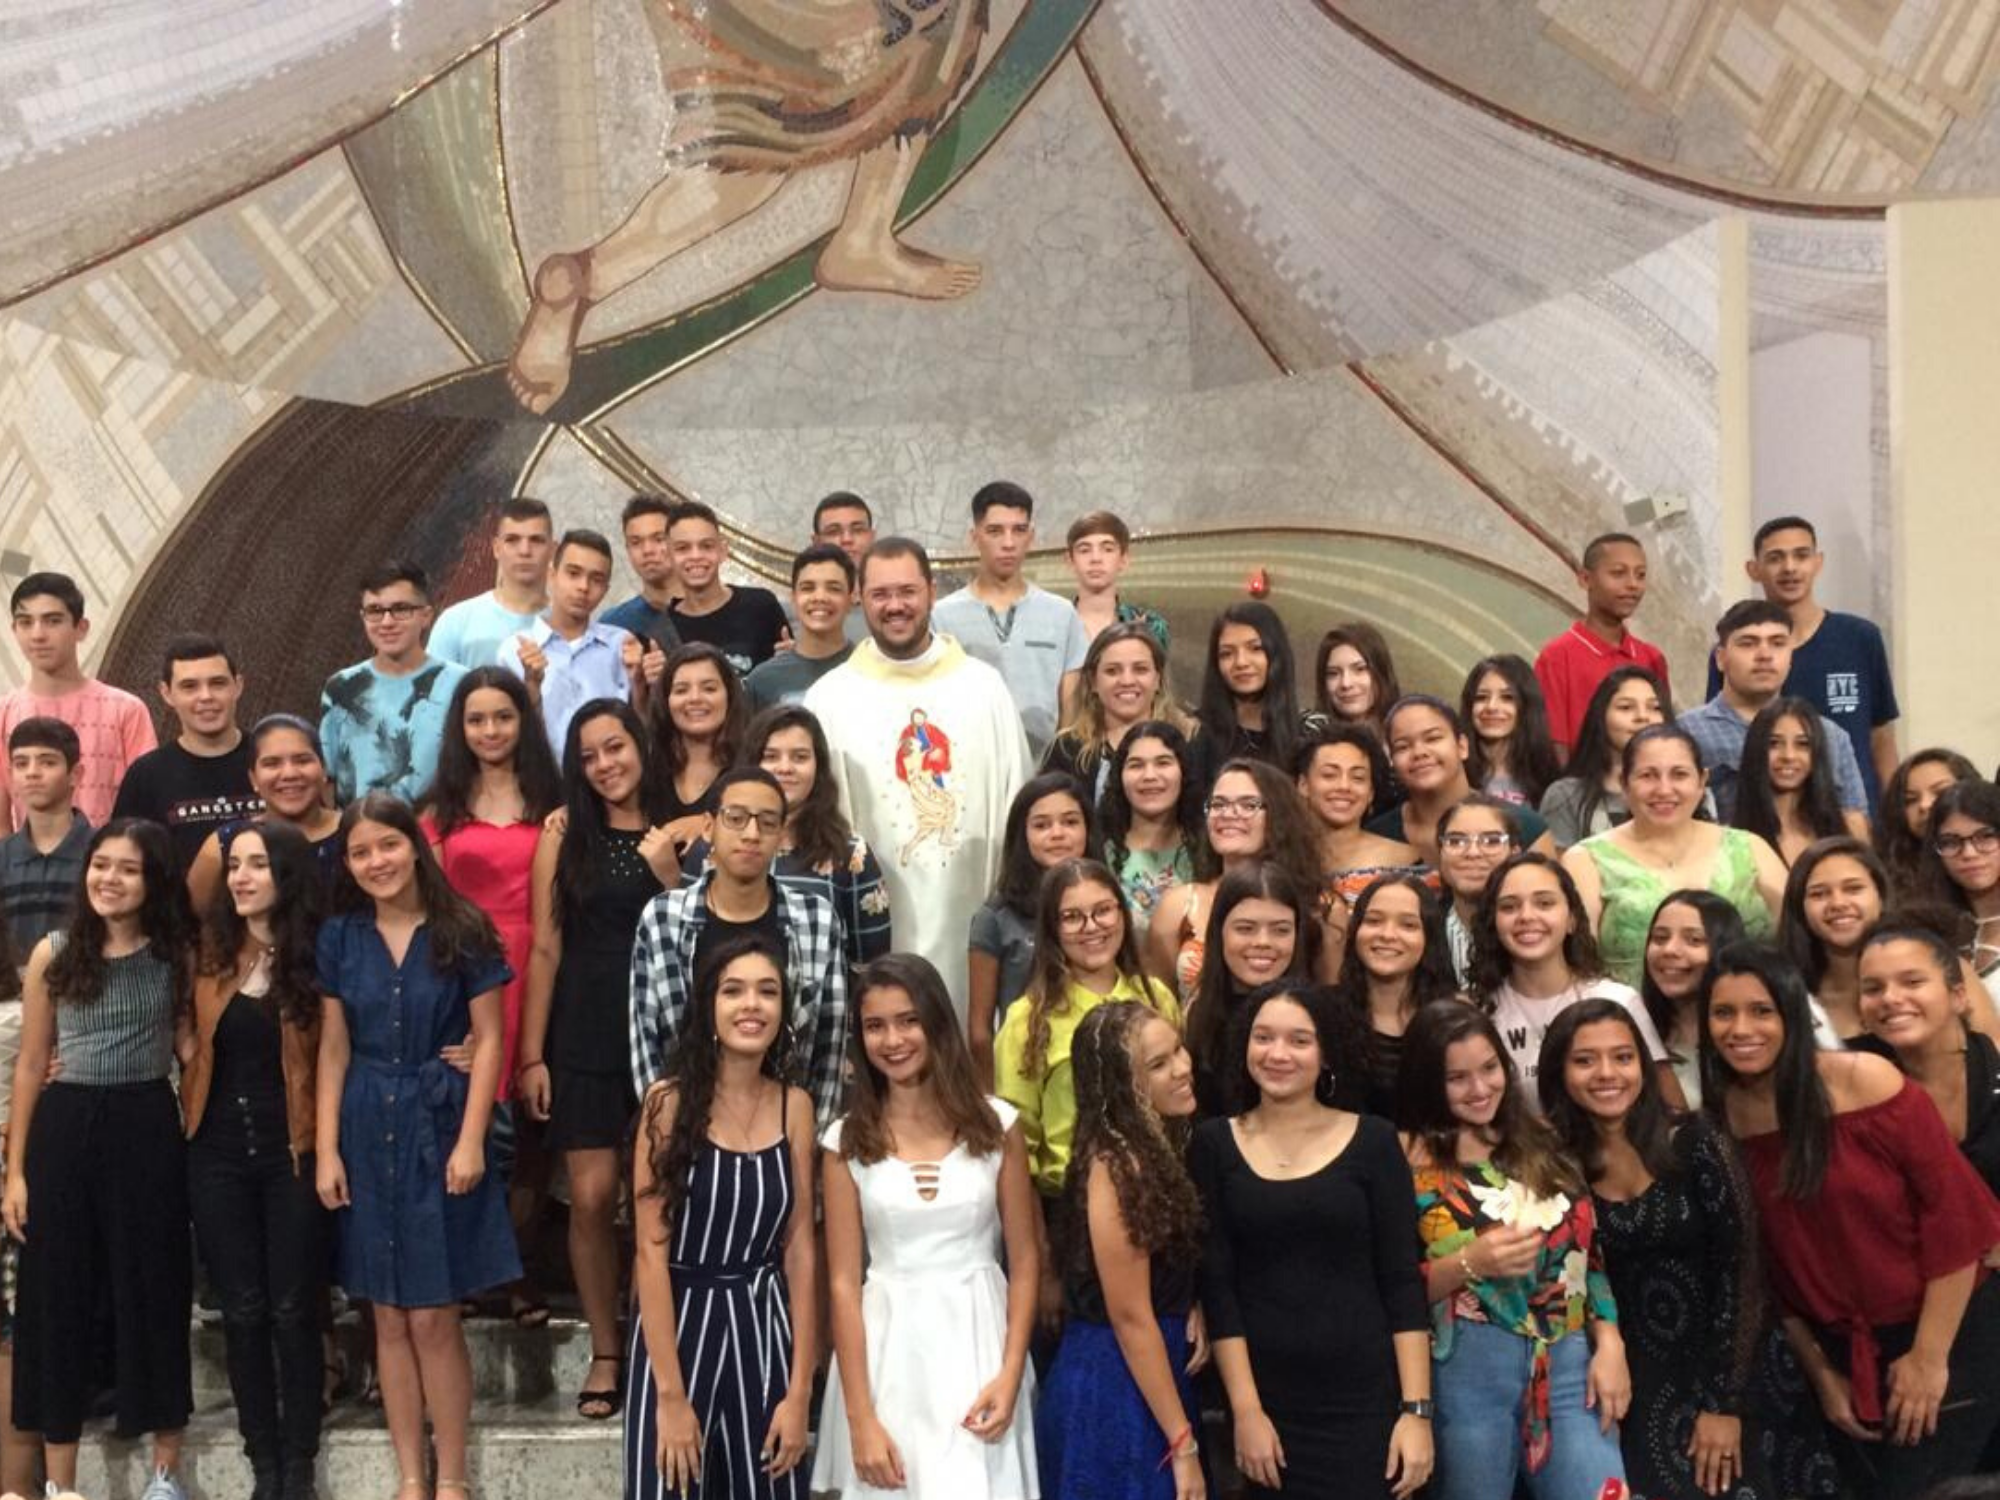 Missa de Formatura 2019